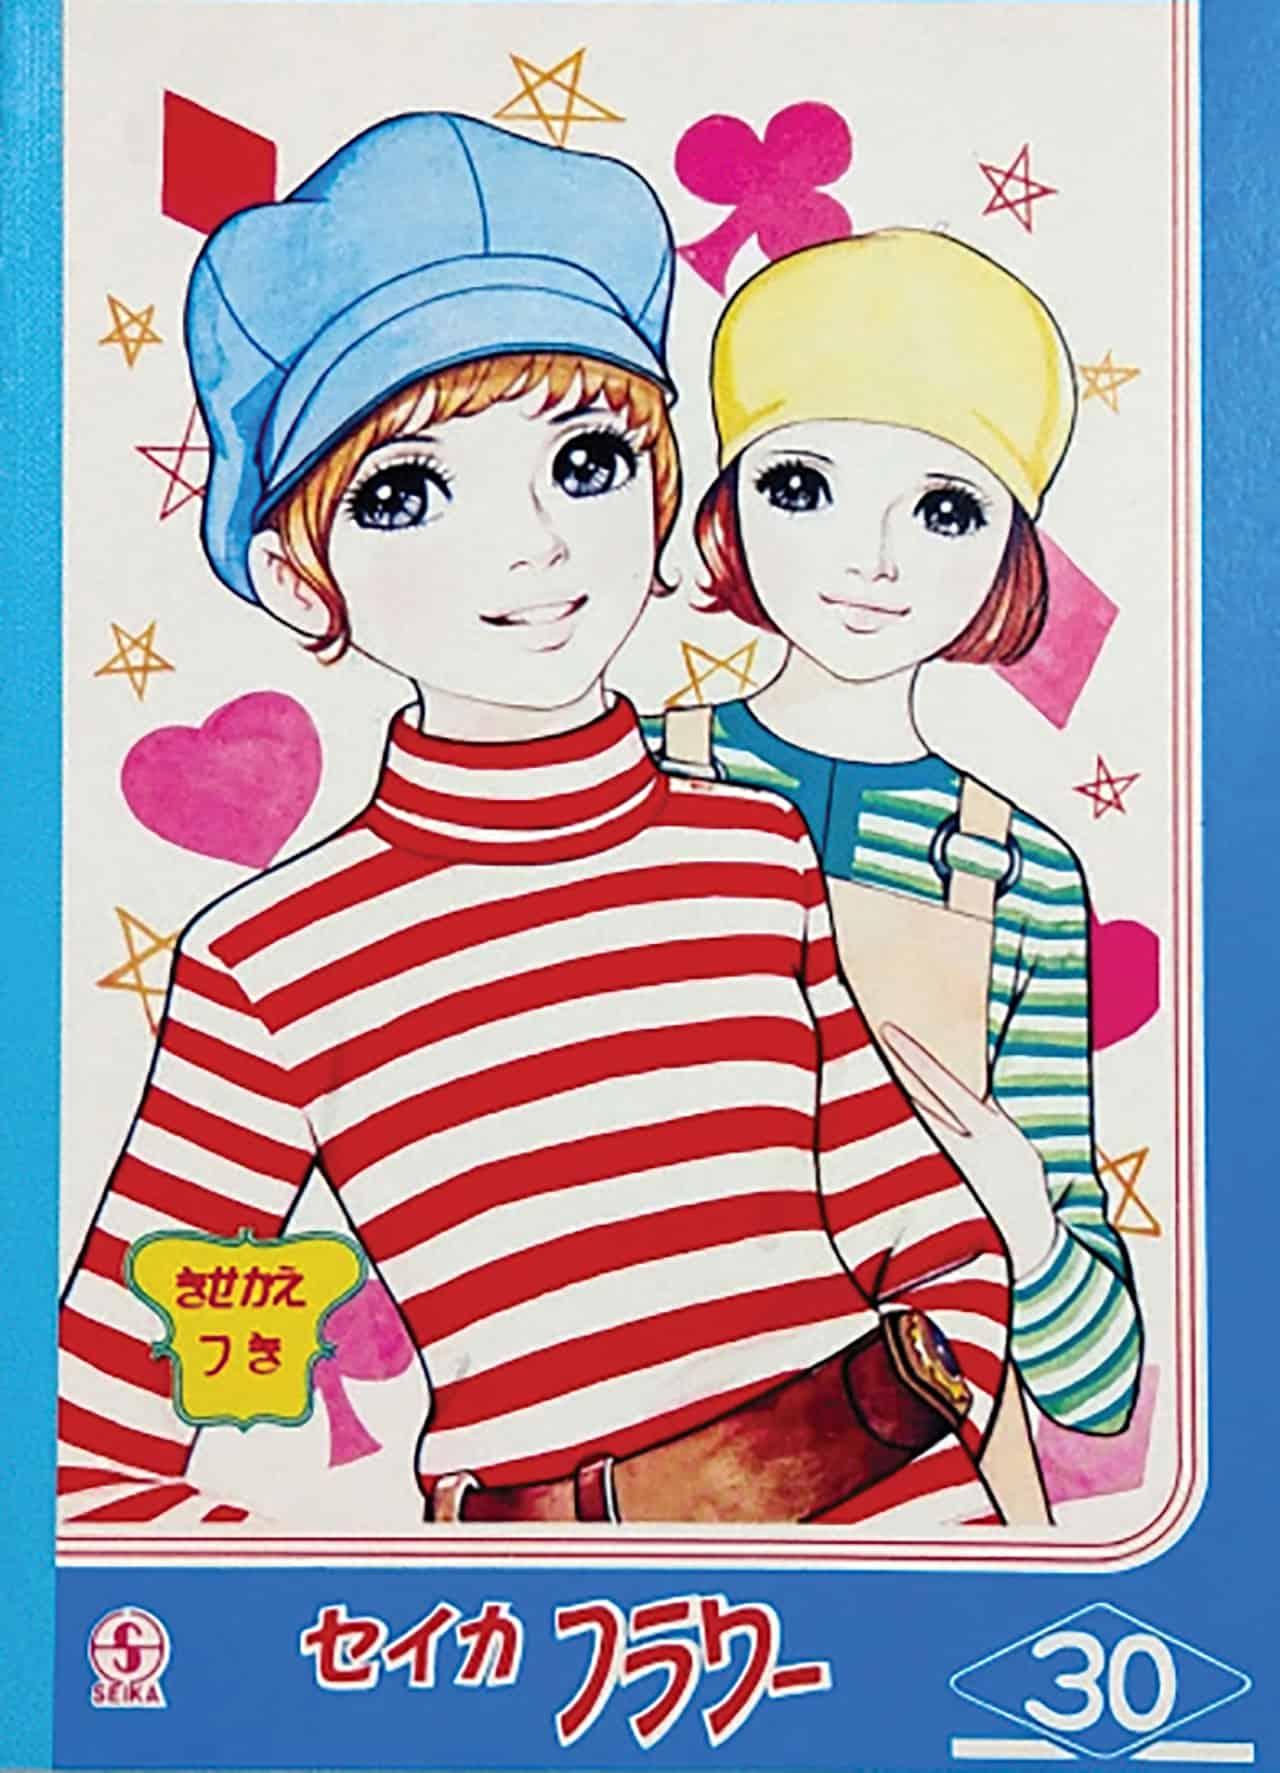 ตุ๊กตากระดาญญี่ปุ่น